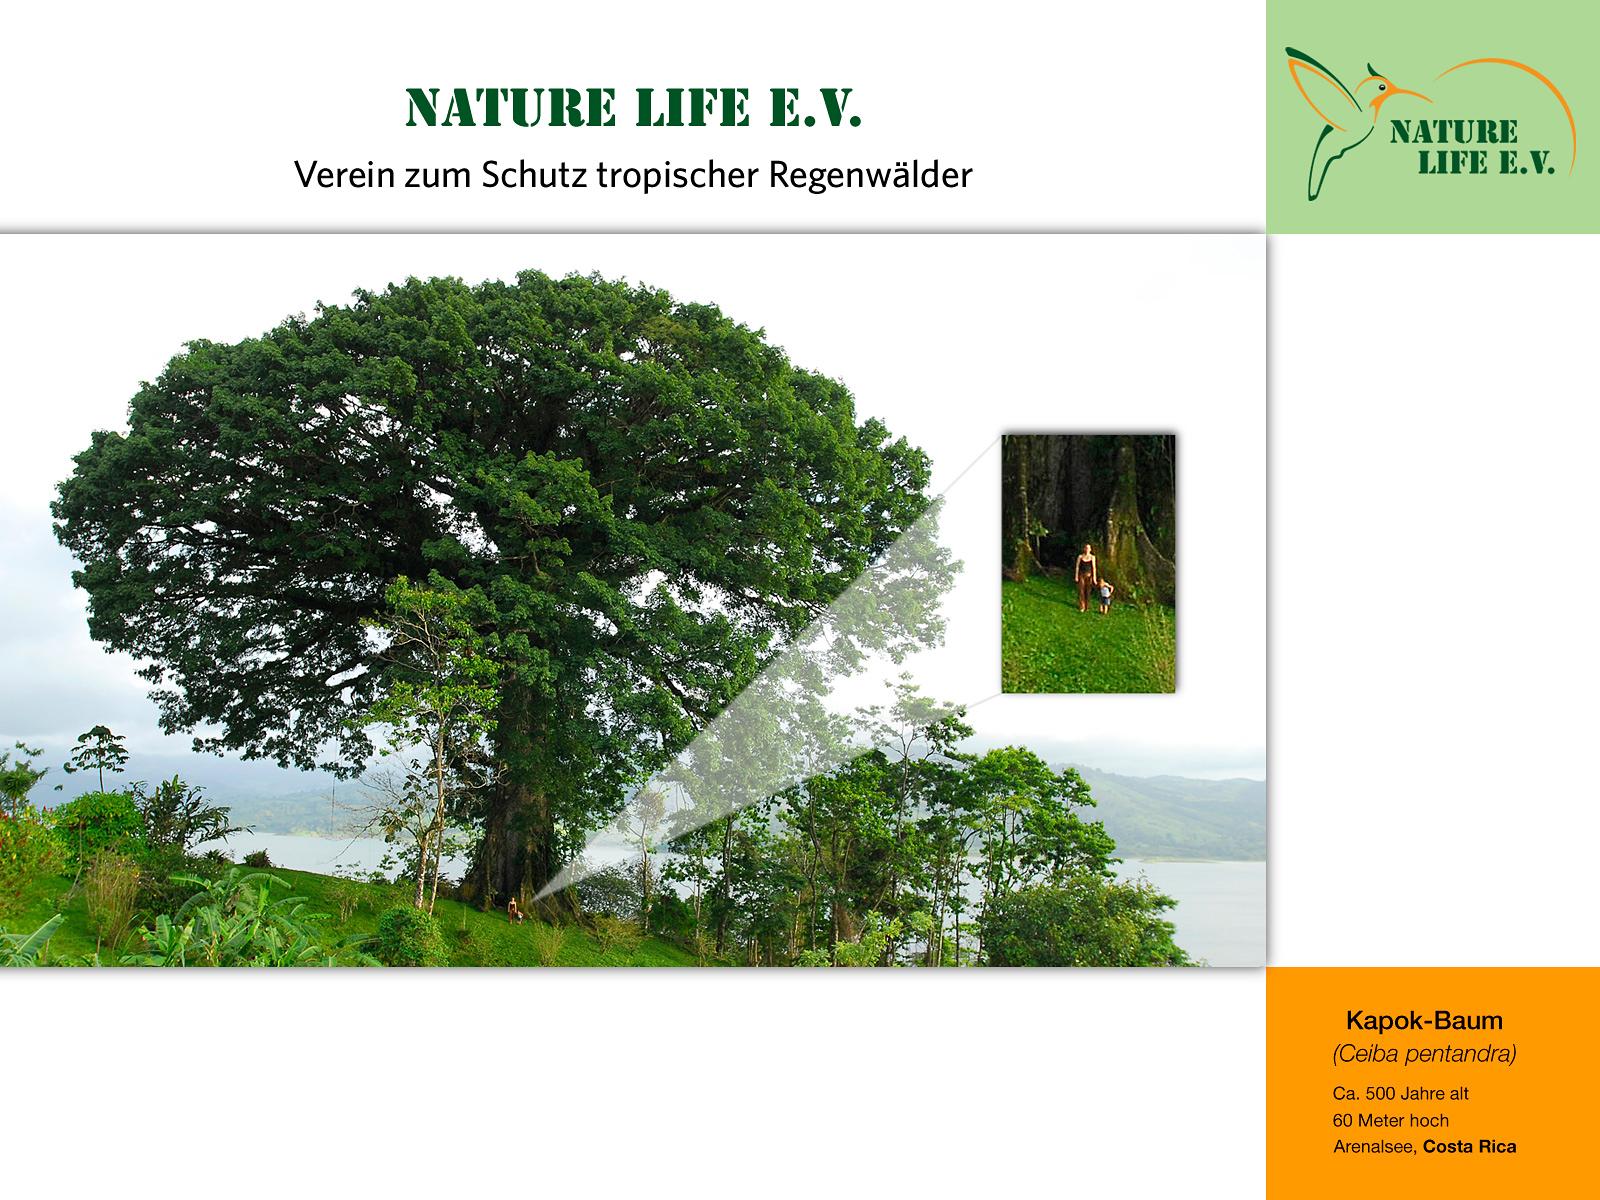 Kapok-Baum (Ceiba pentandra) 1600 x 1200